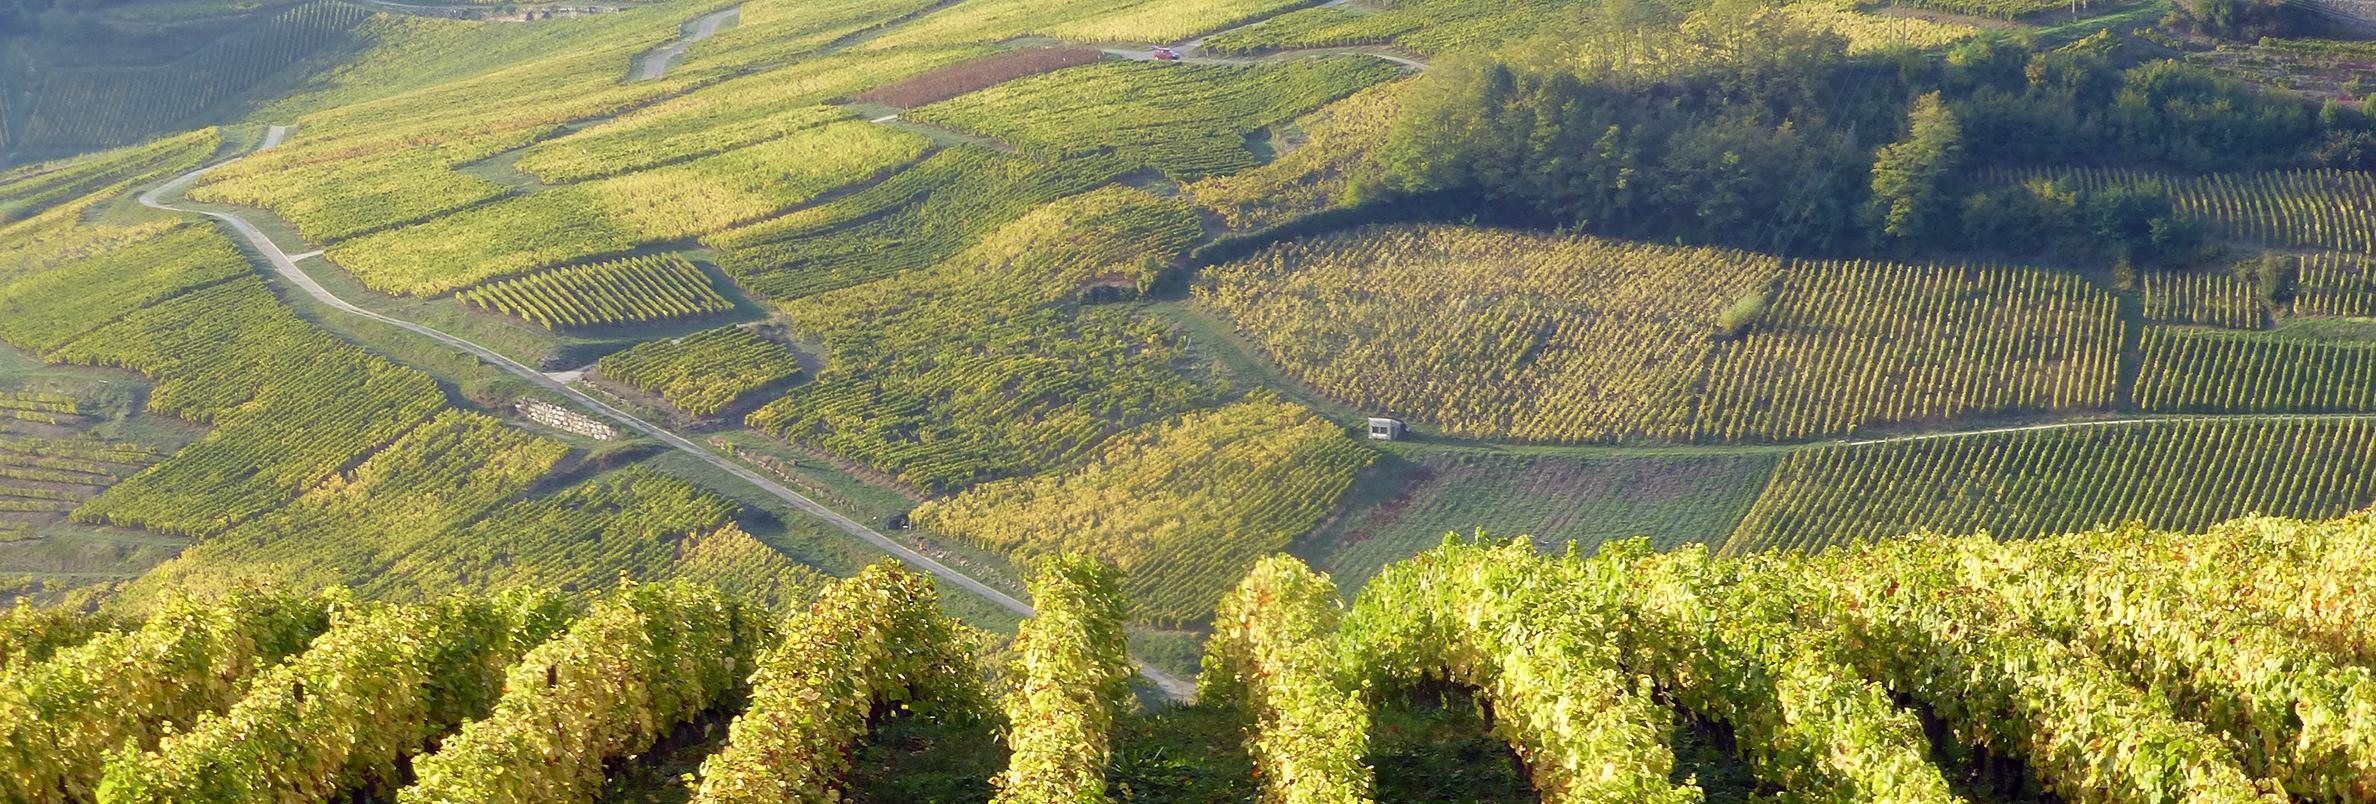 Le vignoble de Château-Chalon